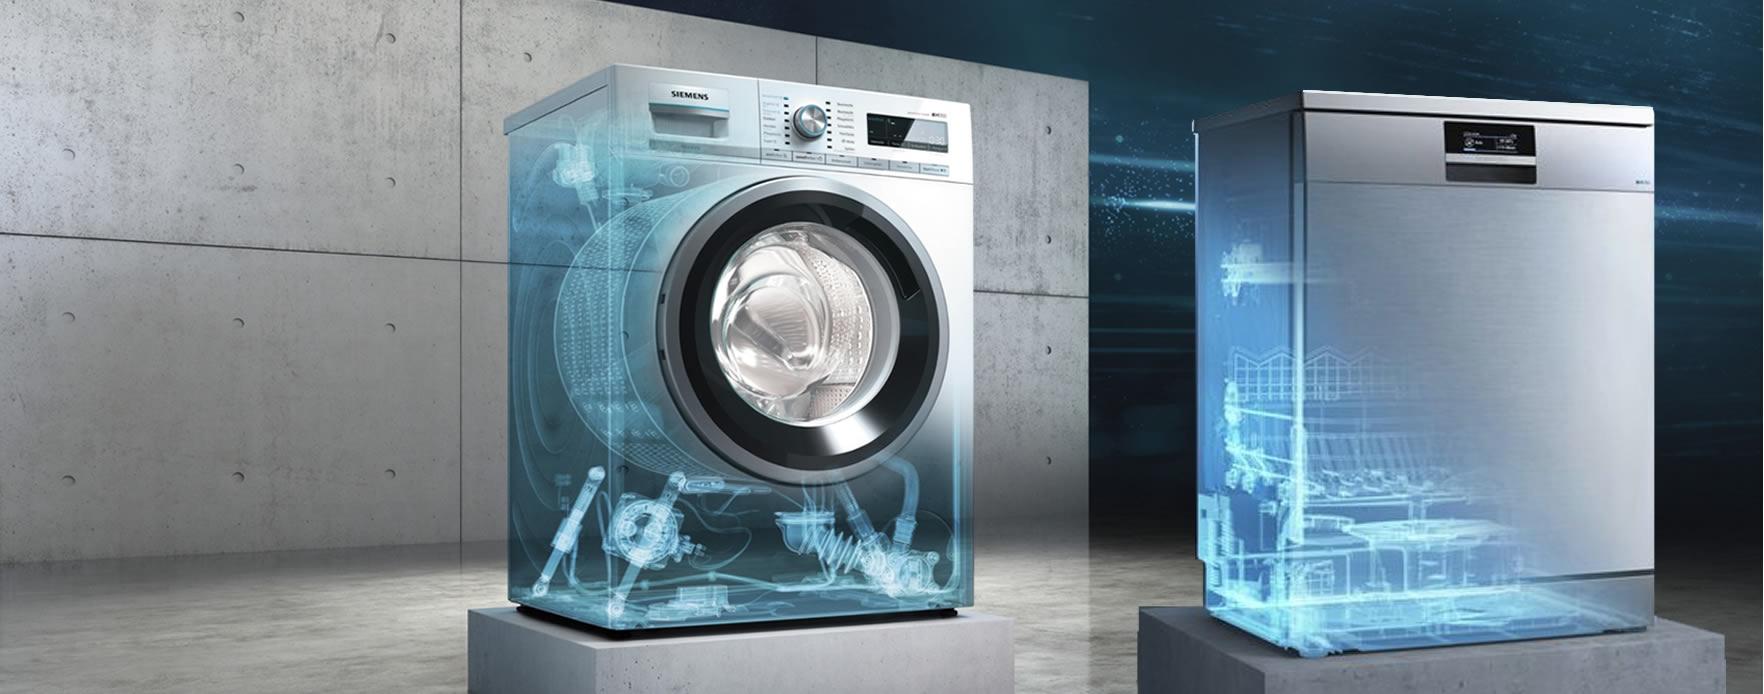 reparación lavadoras Santa Cruz de Tenerife, Adeje, los cristianos, Arona